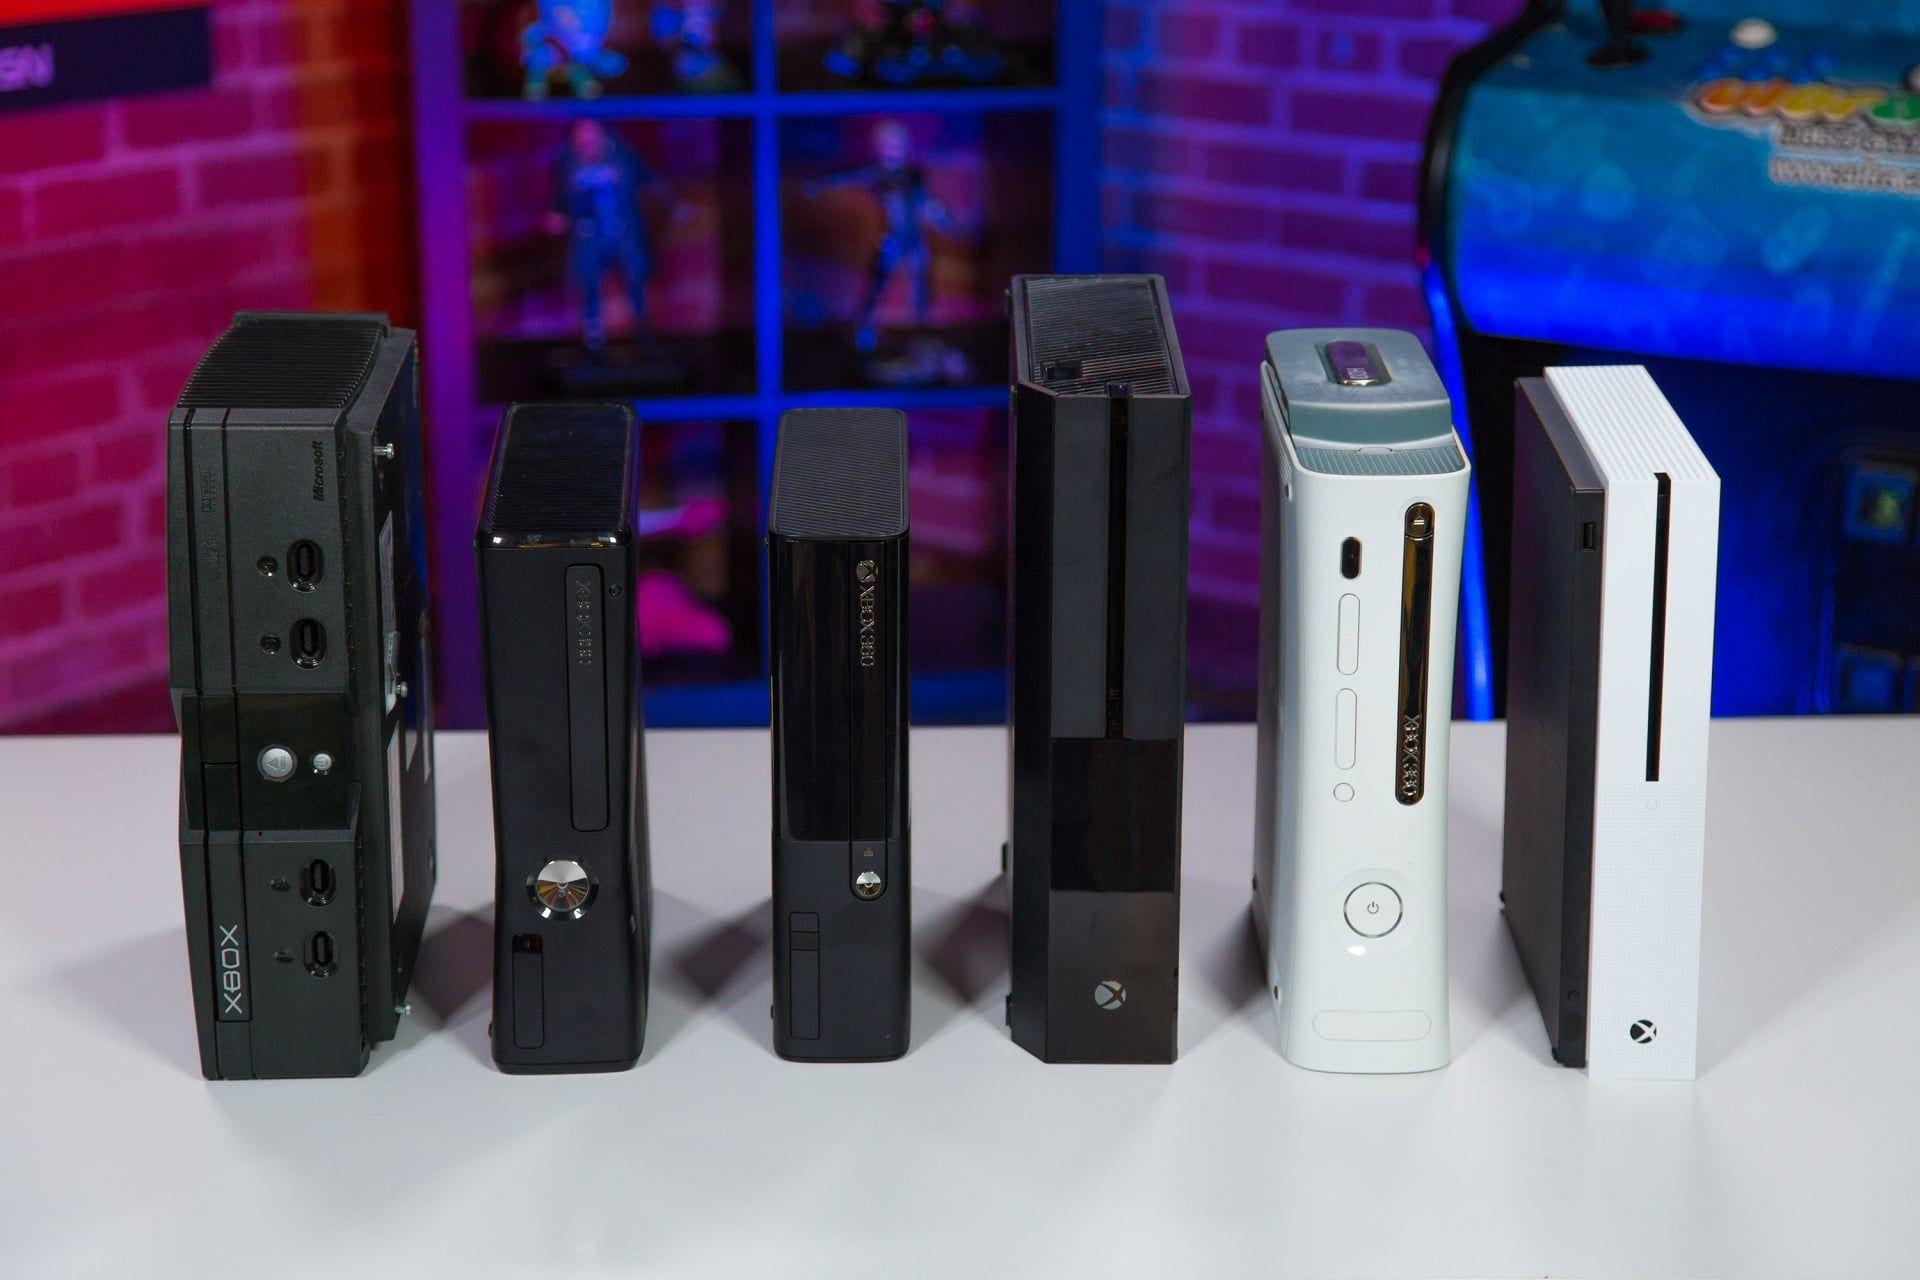 Confira 20 imagens comparativas do Xbox One S - X-Box One ...